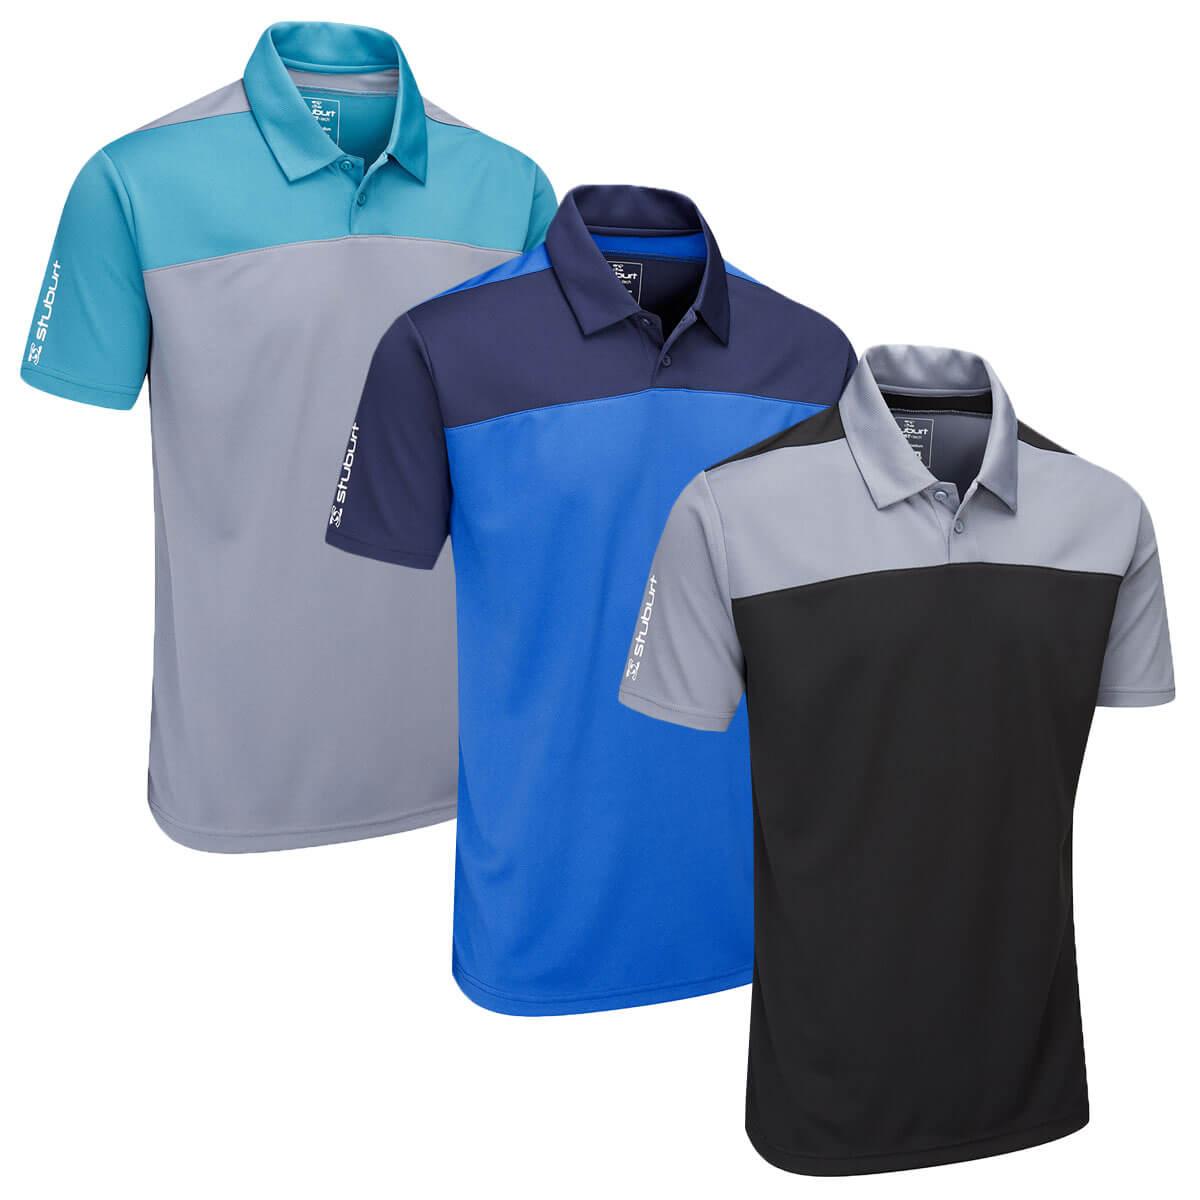 2358869f Details about Stuburt Mens 2019 Sport Tech Leyburn Moisture Wicking Golf  Polo Shirt